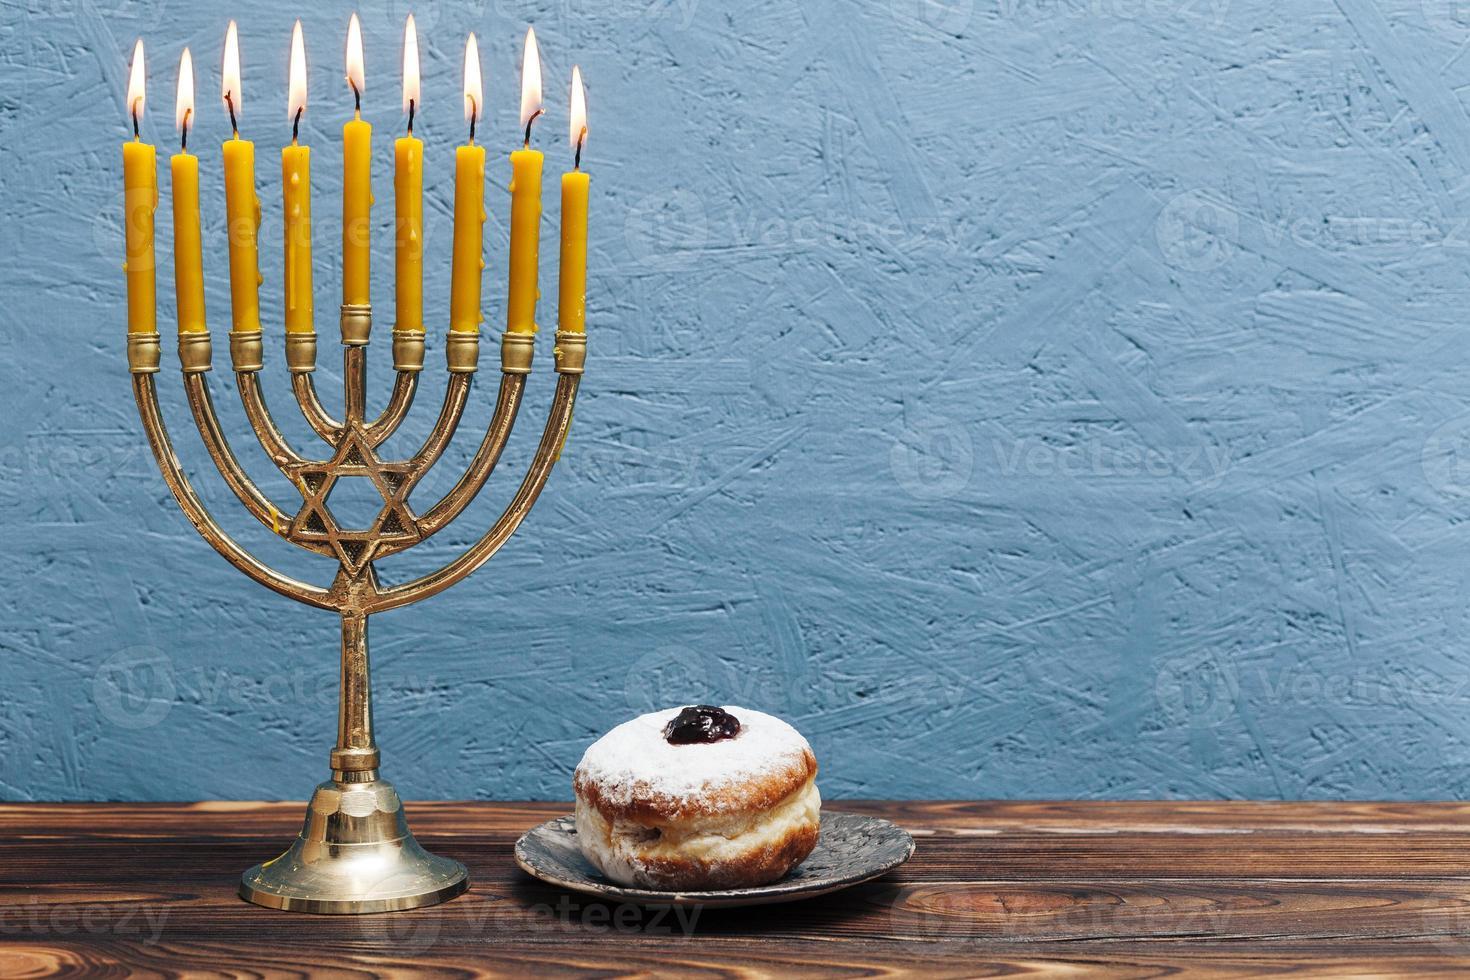 jüdische Menora mit leckerem Donut auf blauem hölzernem Hintergrund foto